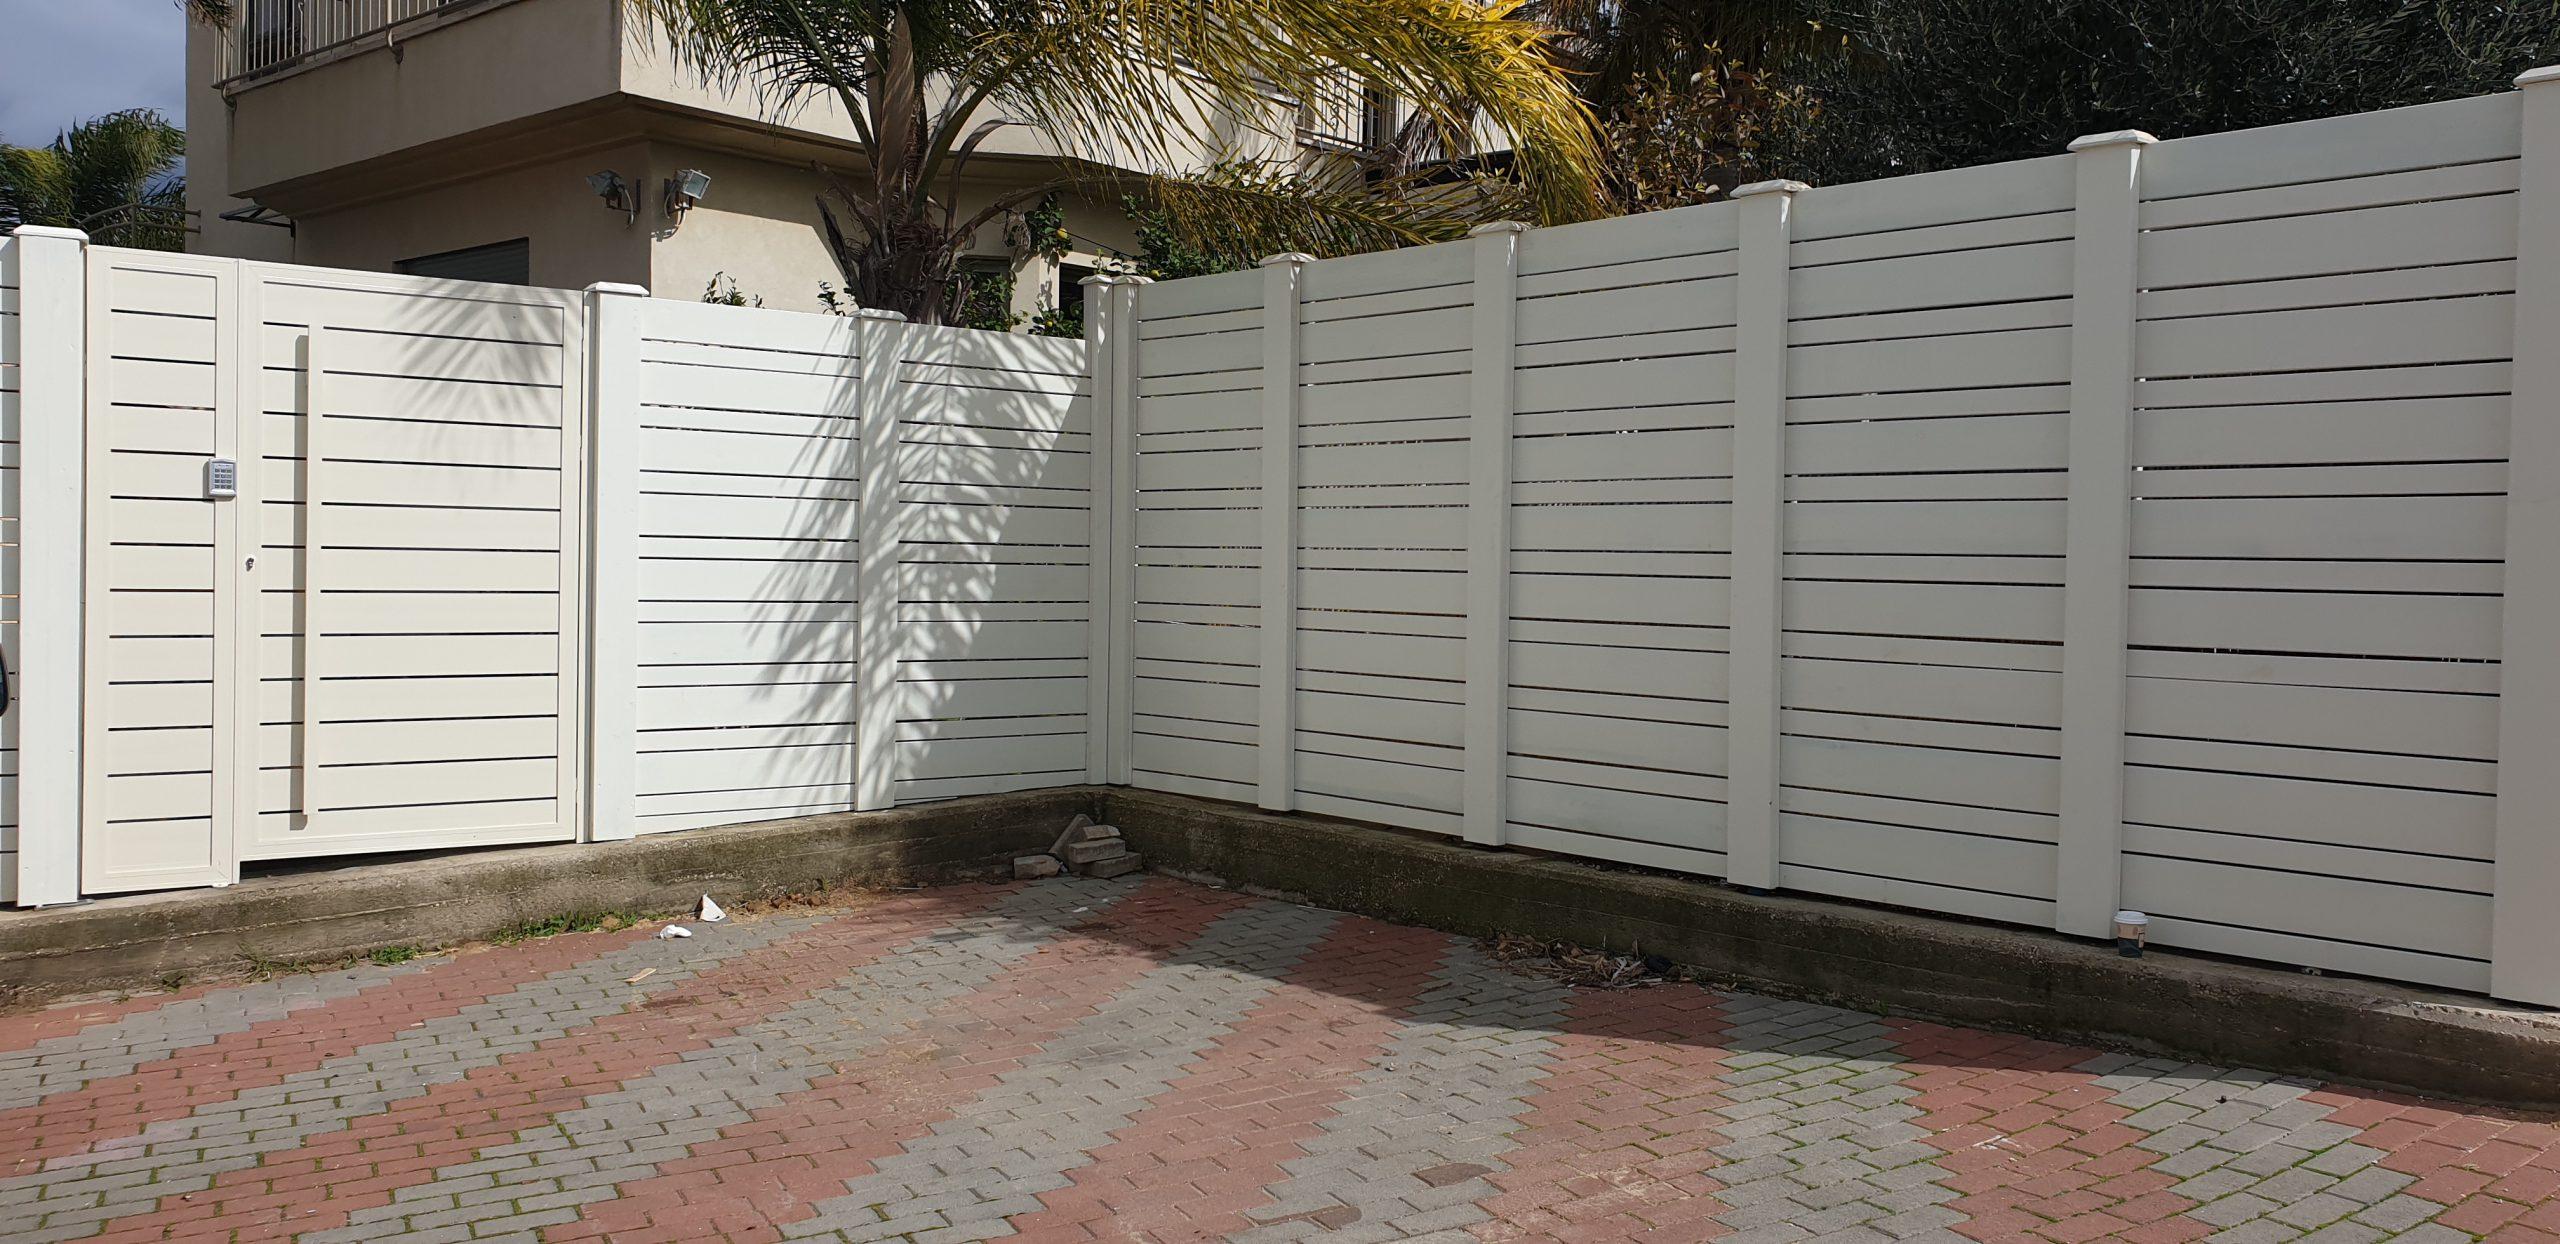 פרויקט גדר ושער